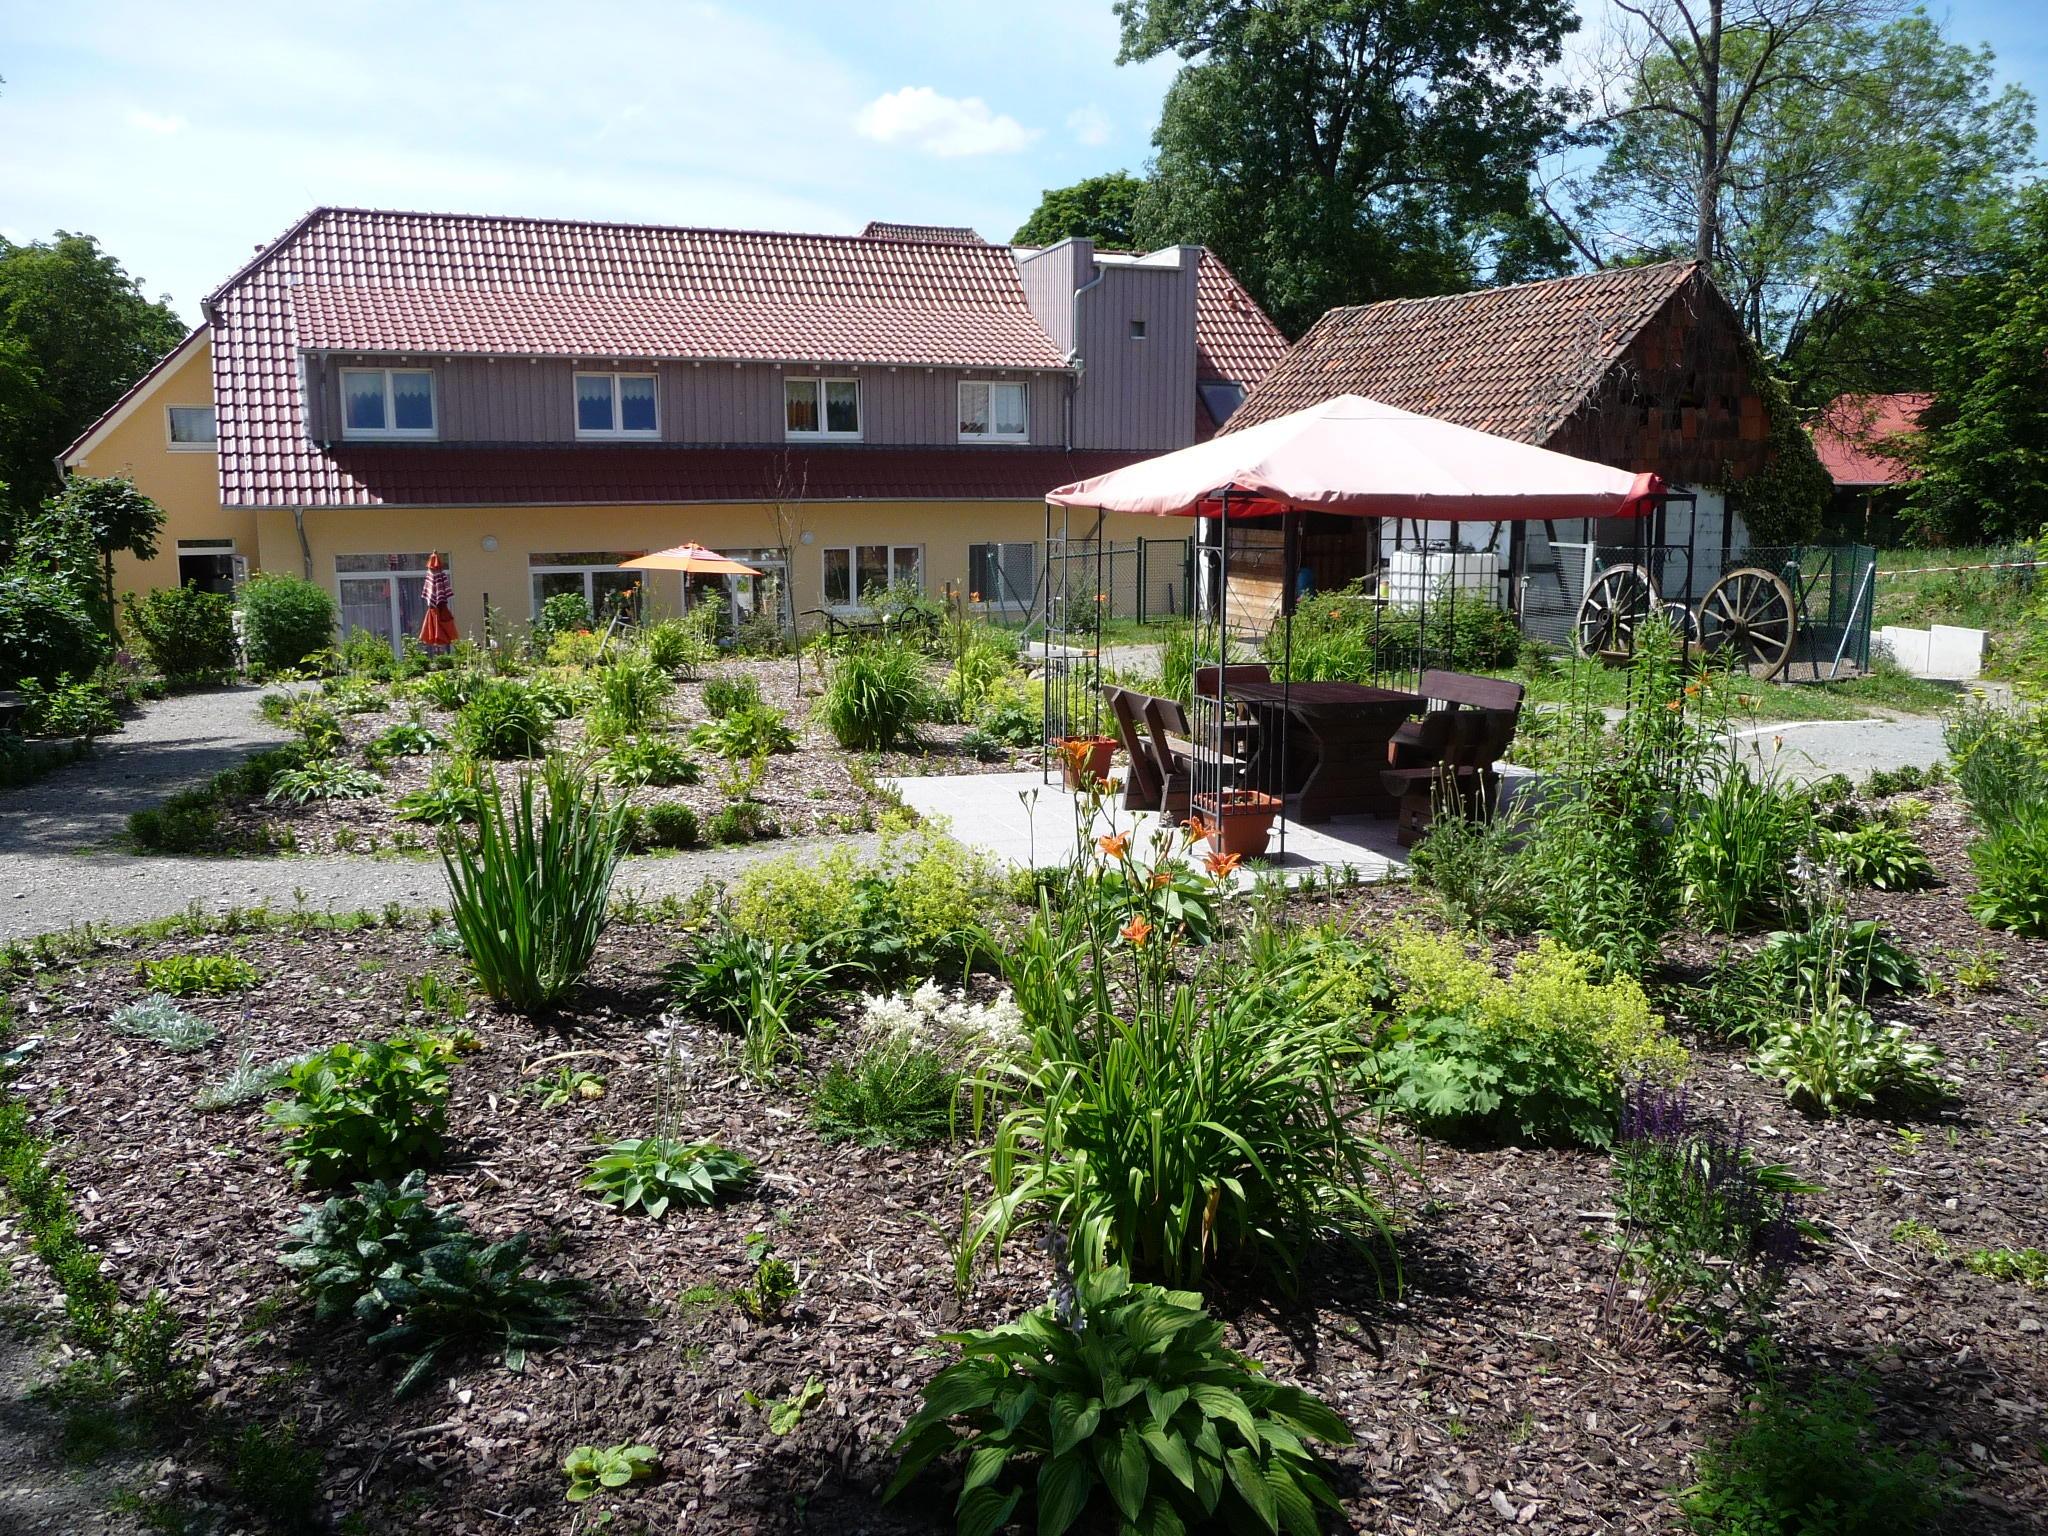 Seniorenheim Klein Lobke